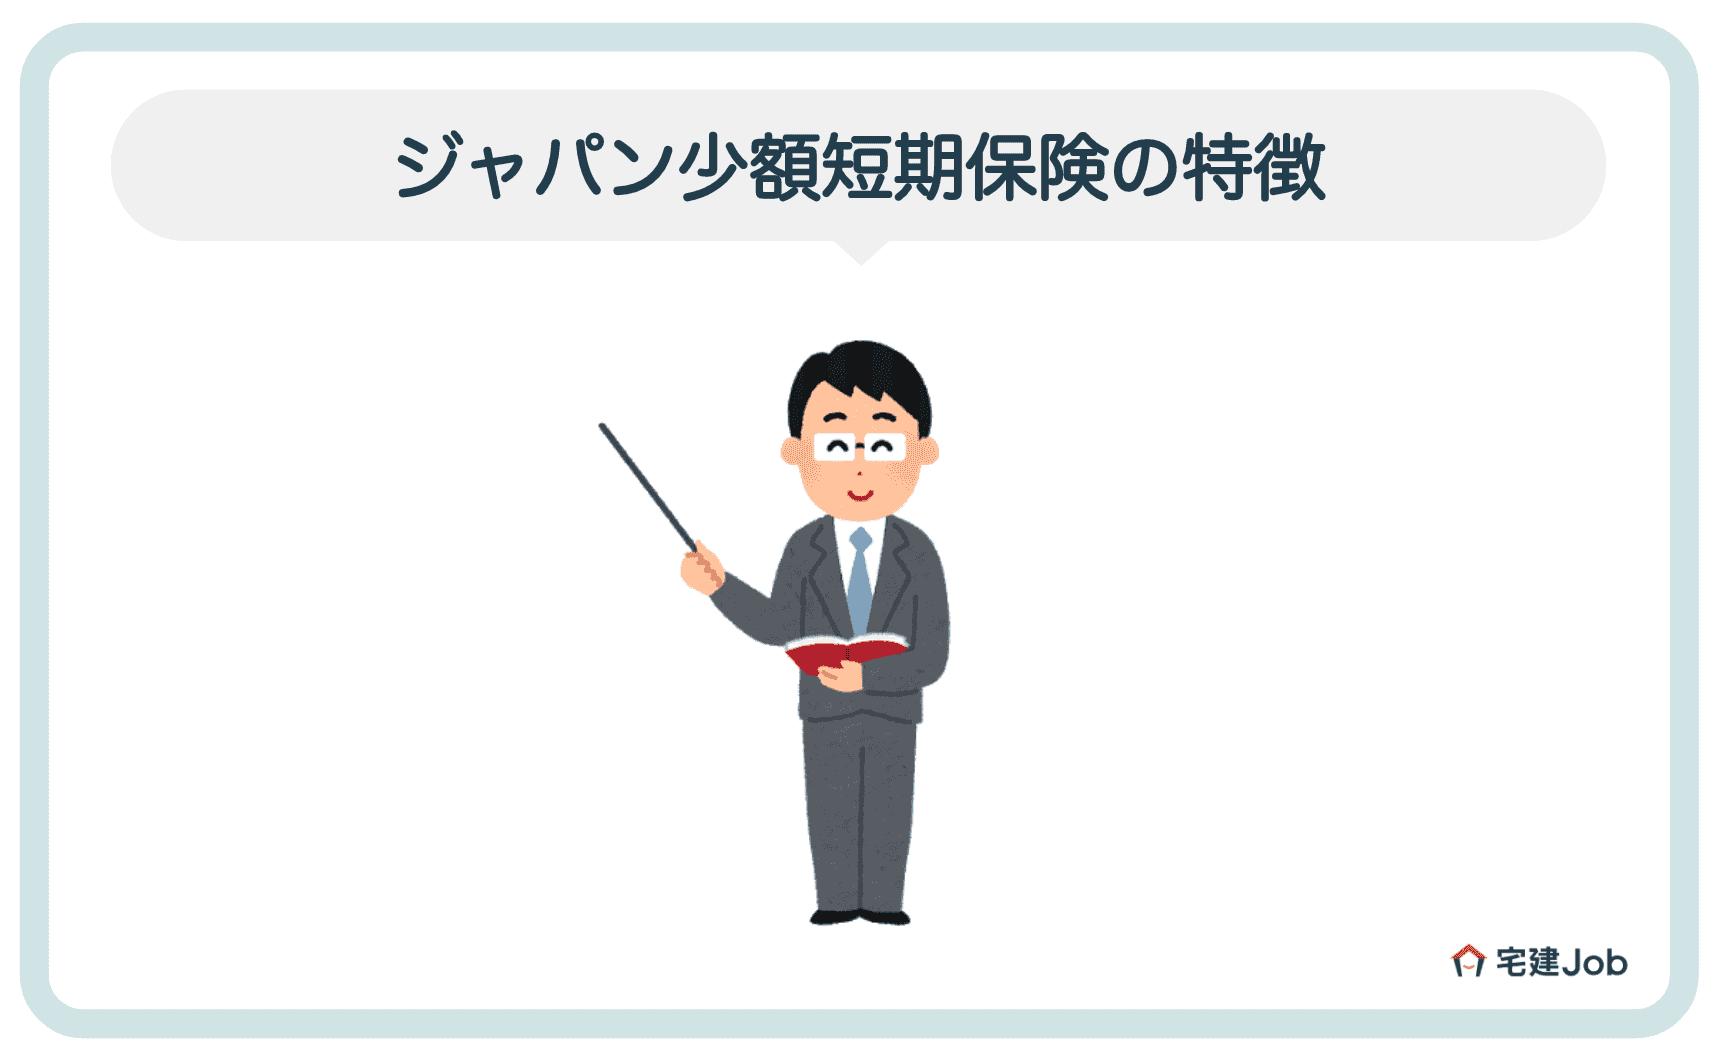 2.ジャパン少額短期保険の特徴